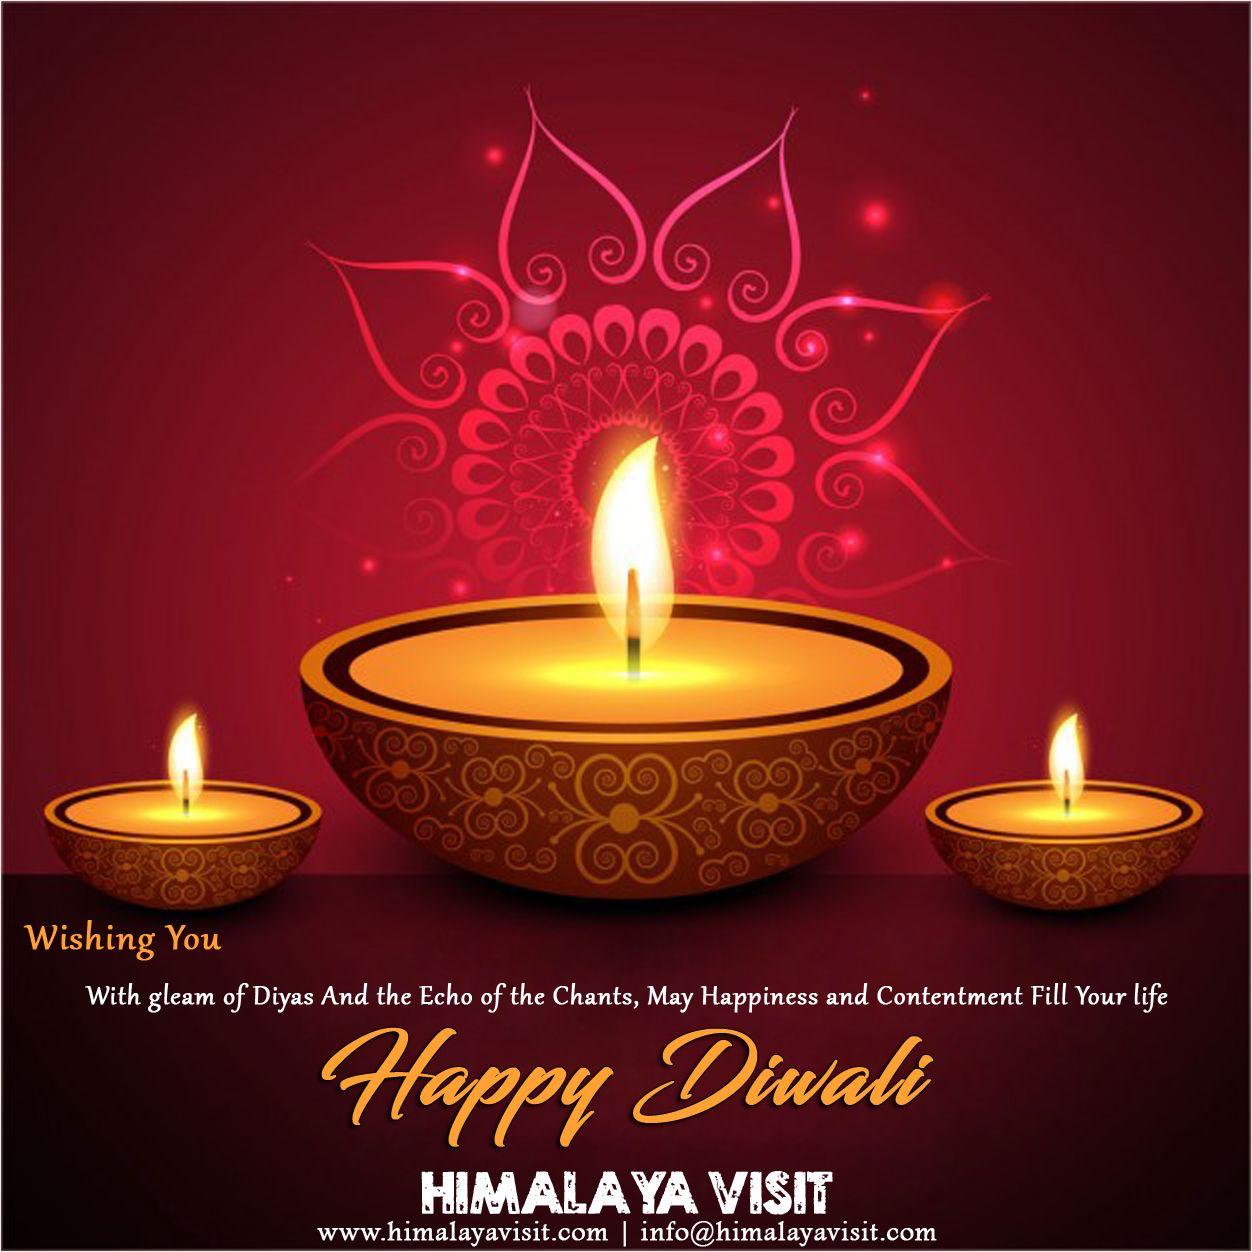 Happy Diwali Diwali Deepavali Hindufestival Festi Blessing